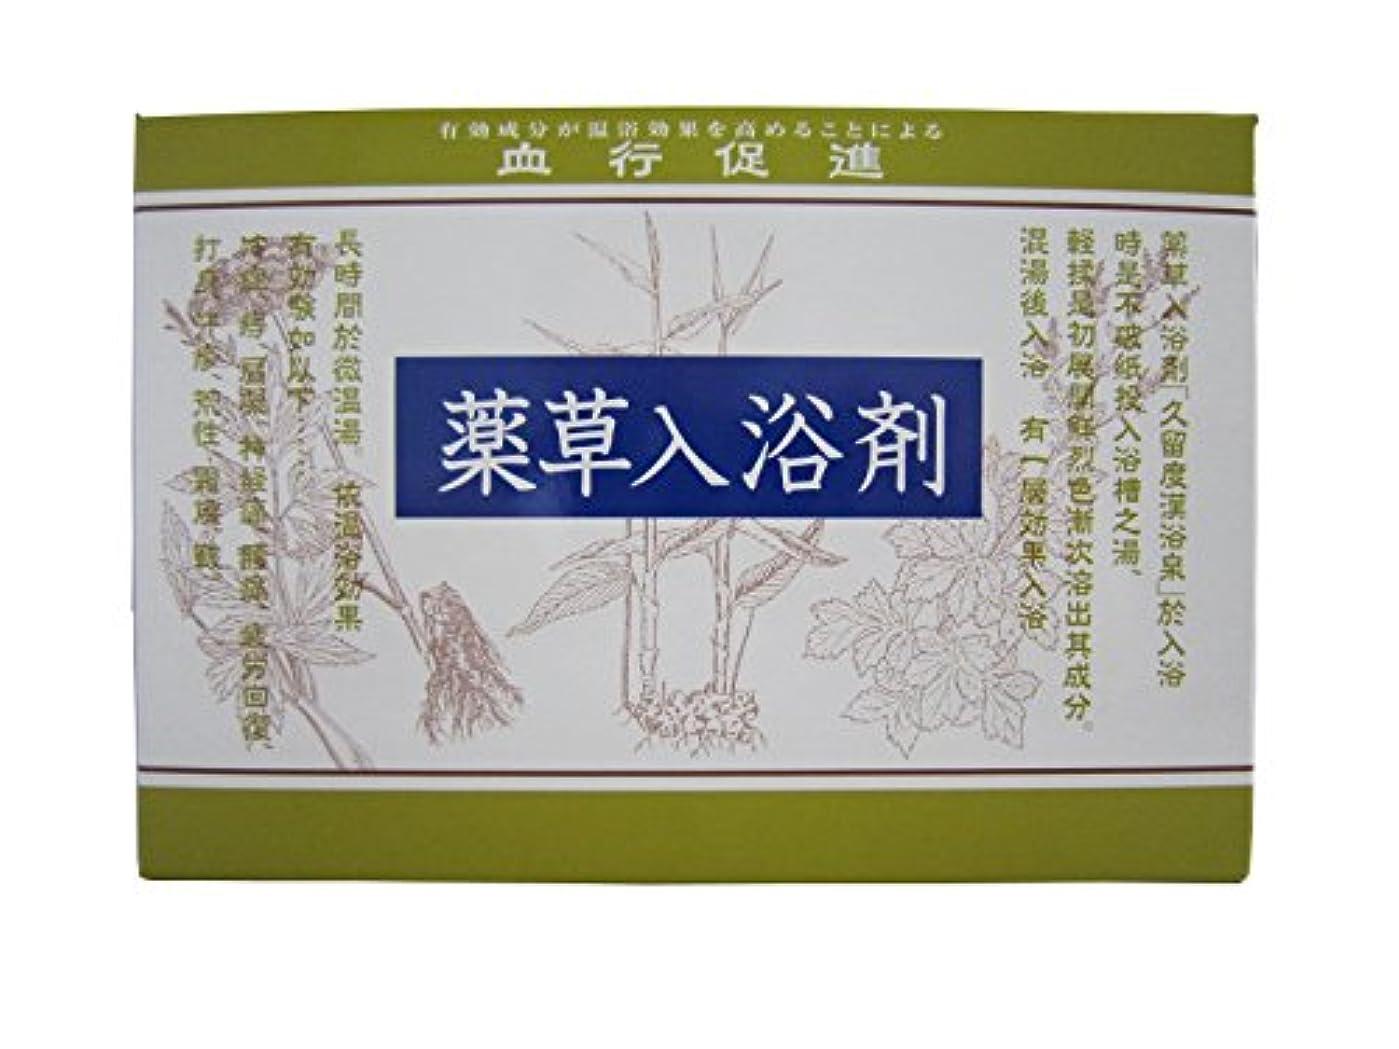 キラウエア山ライバルブレーク松田医薬品 クルード漢浴泉 23.5gX5包